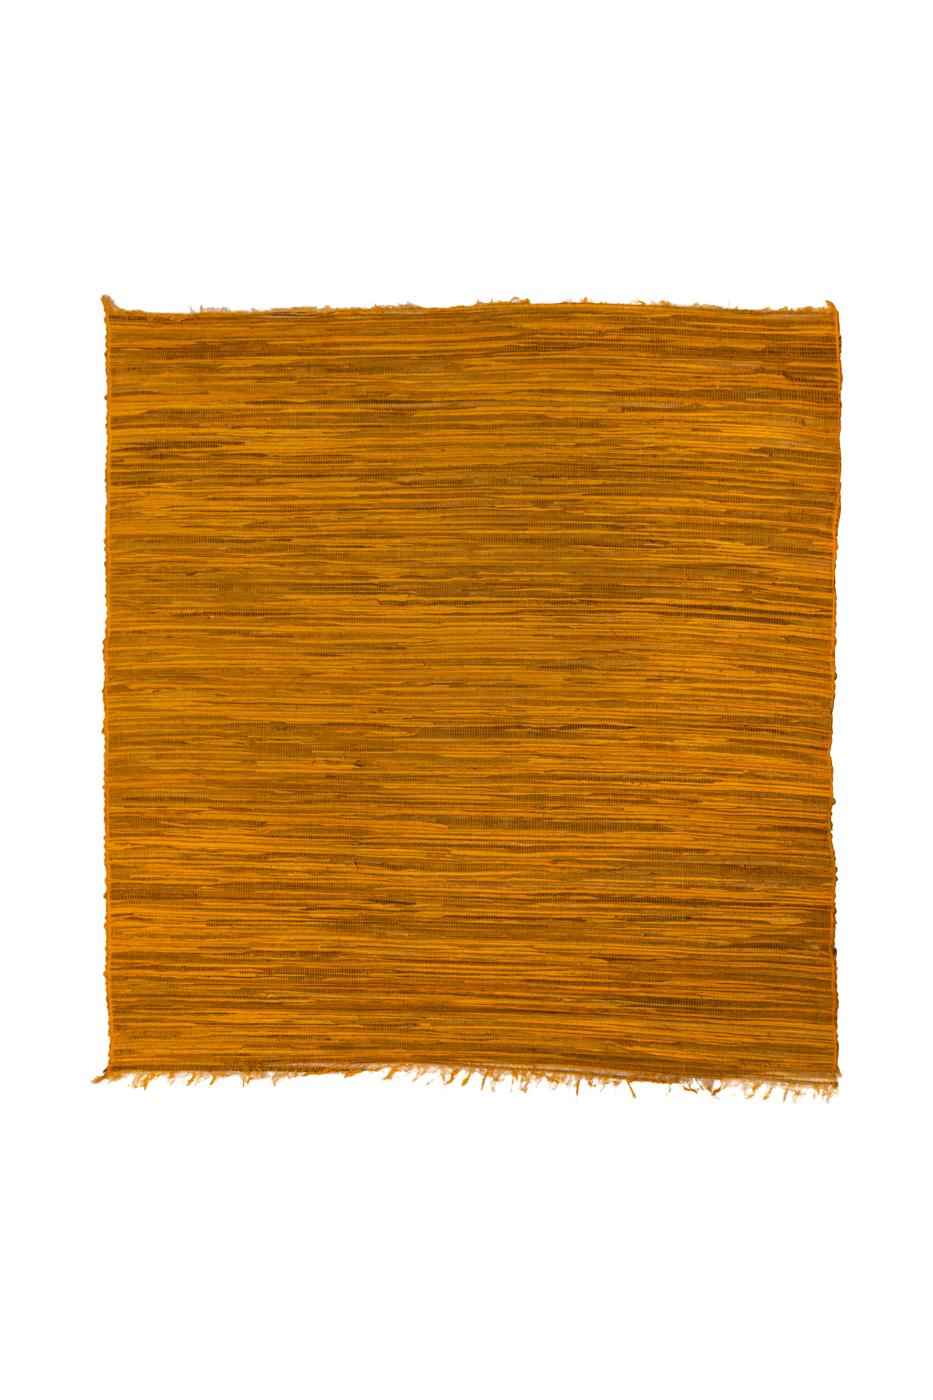 Esterilla en bambo amarillo